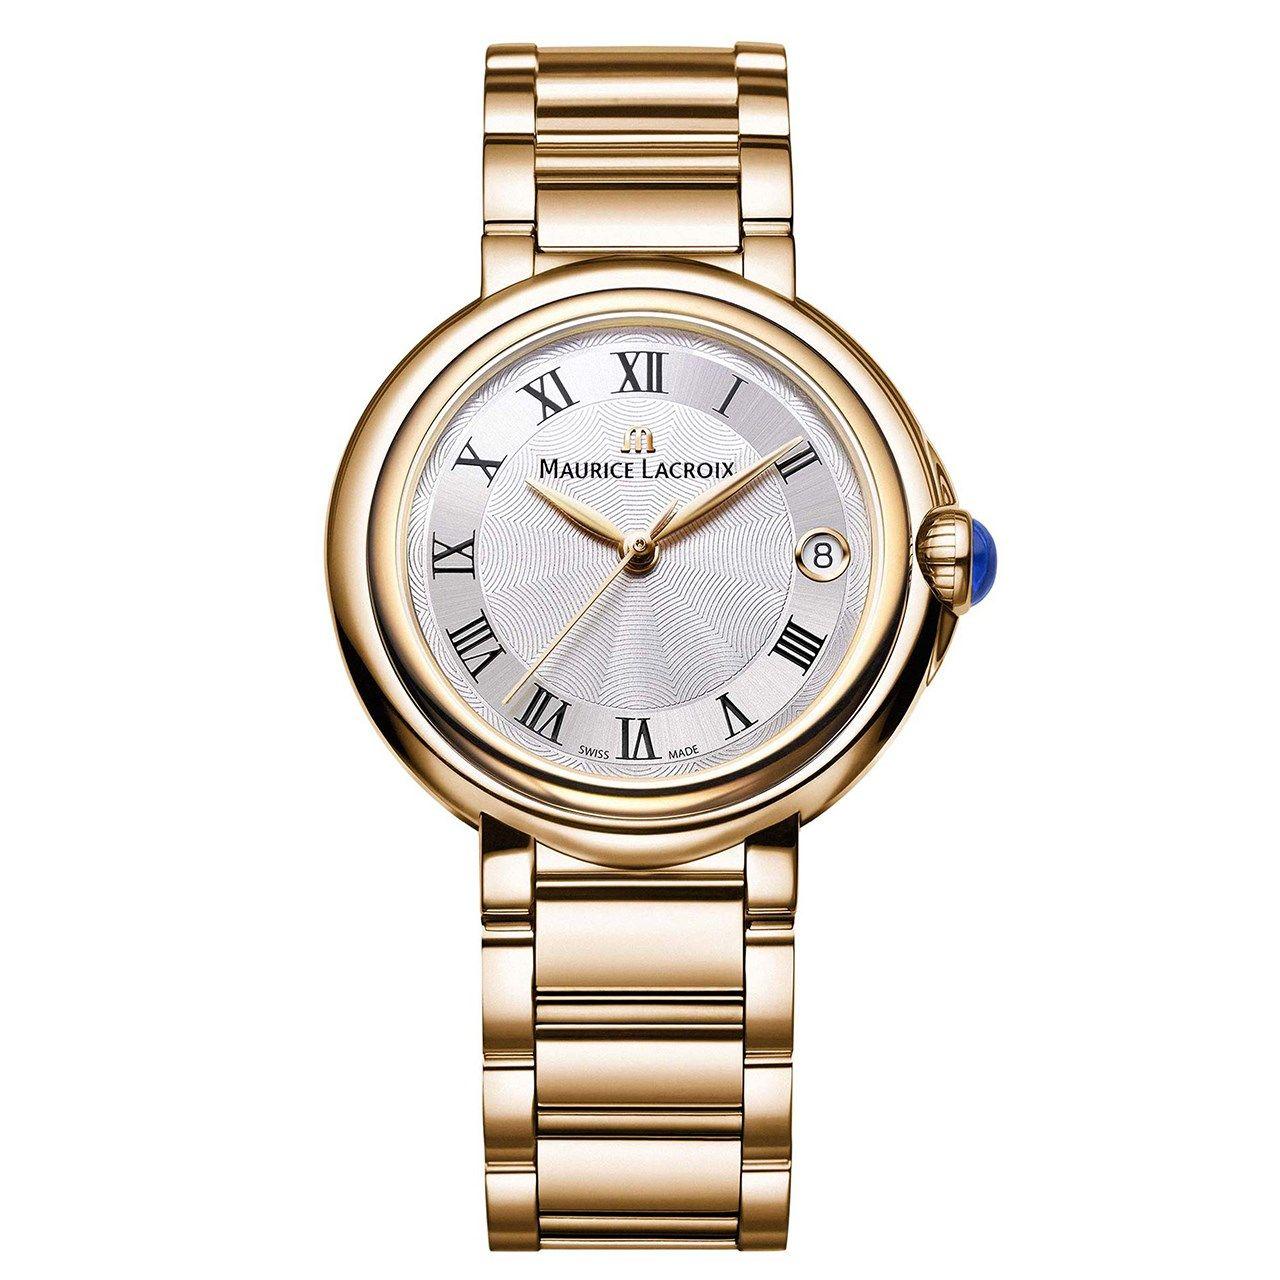 ساعت مچی عقربه ای زنانه موریس لاکروا مدل FA1004-PVP06-110-1 -  - 1